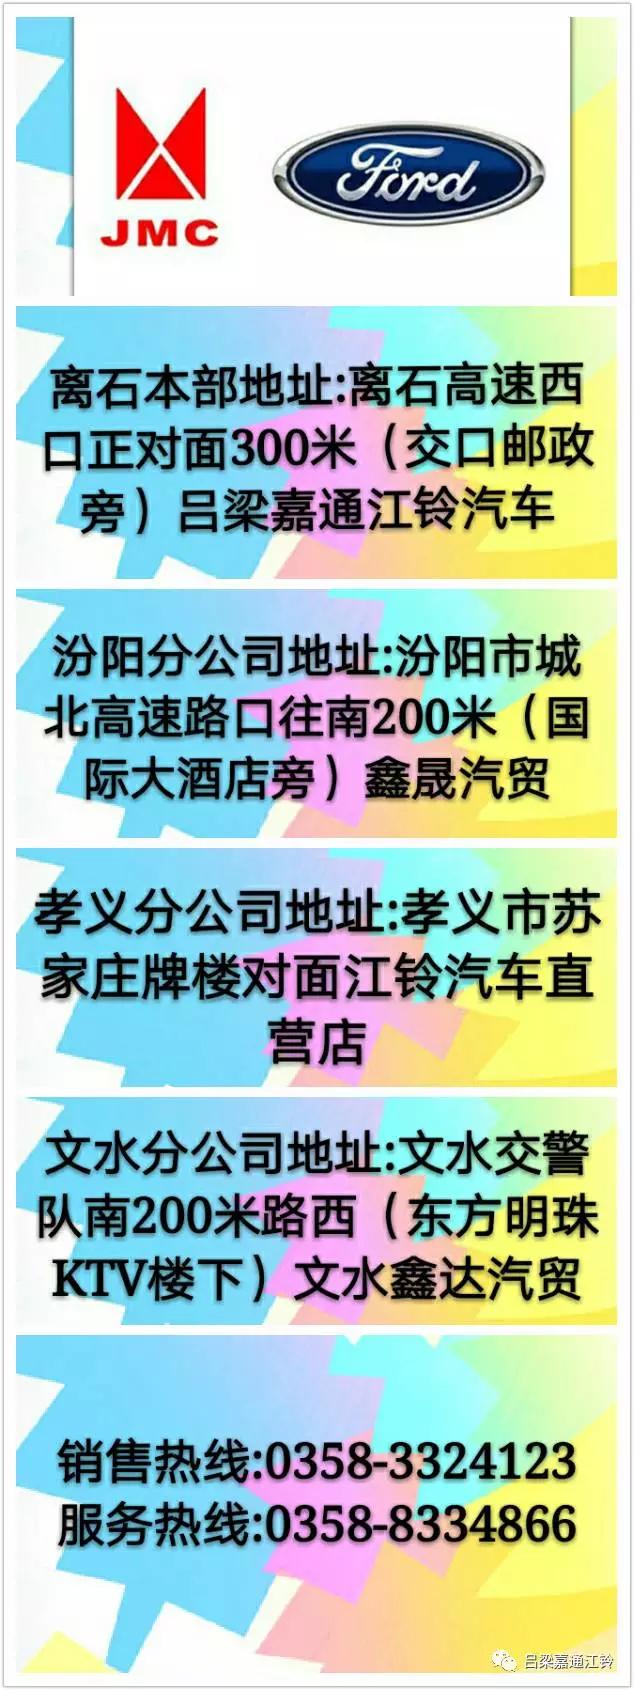 寰俊鍥剧墖_20170507101511.png